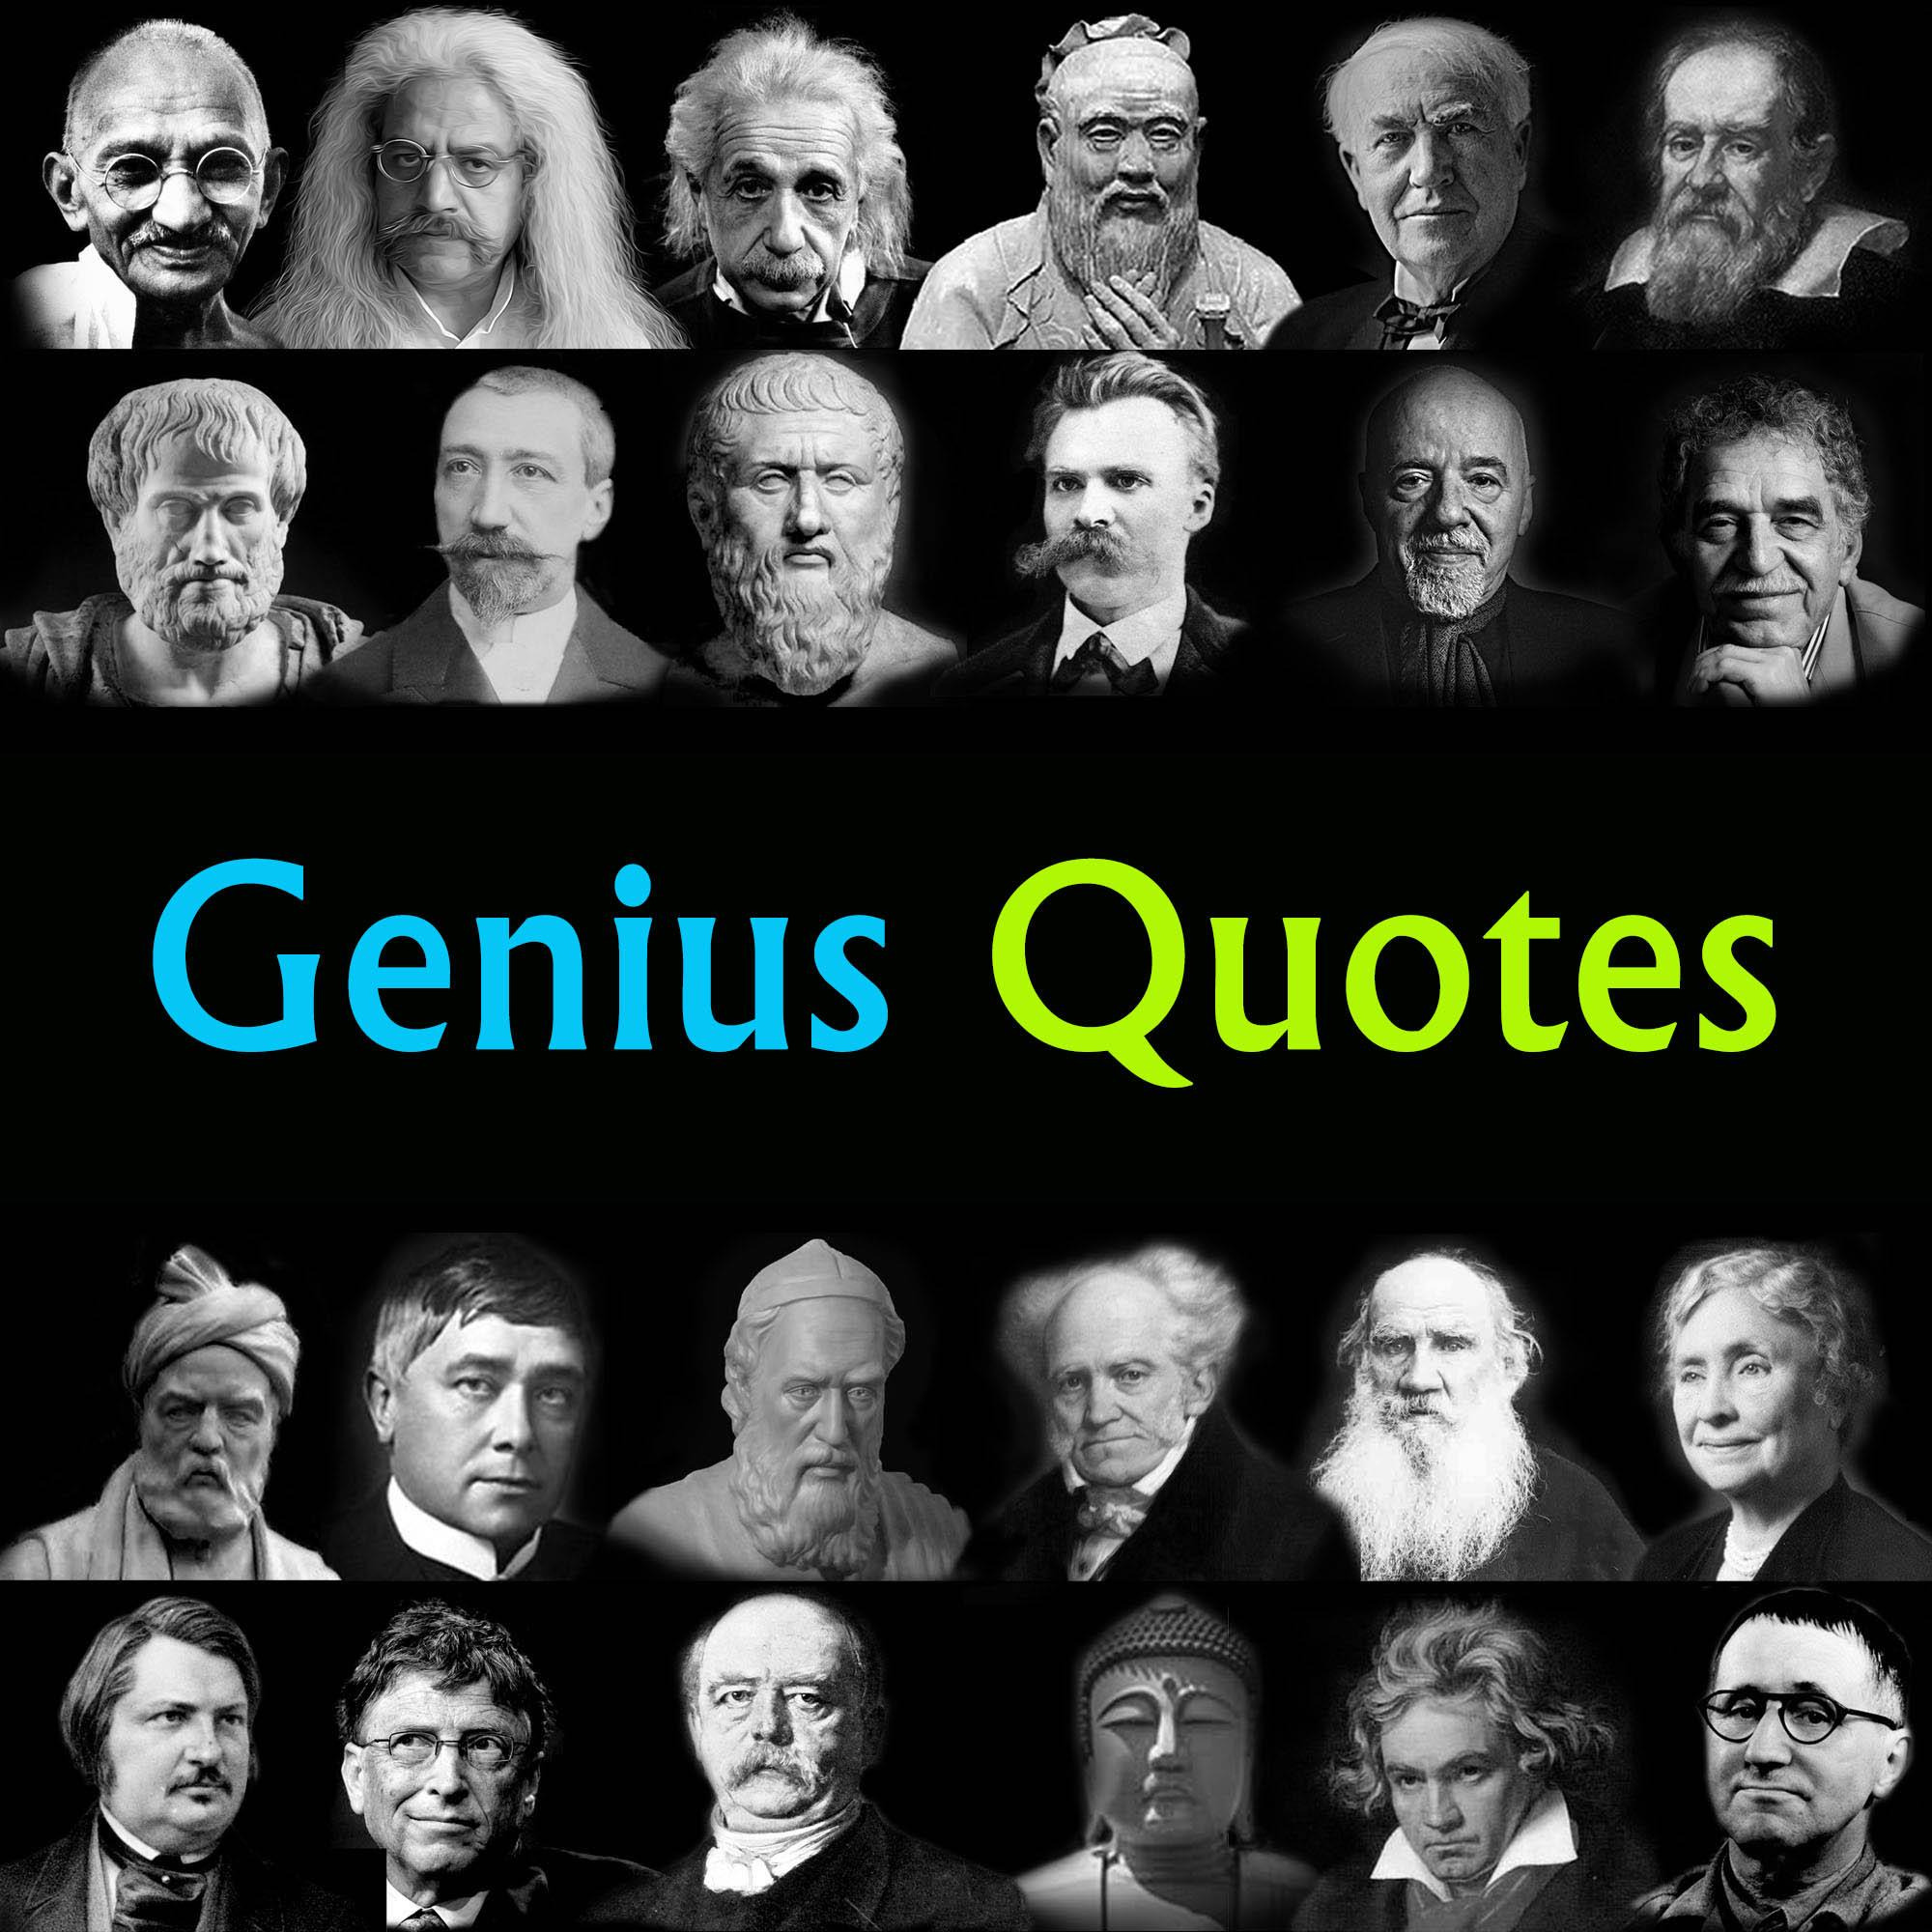 جملات فلسفی زیبا | جملات فلسفی ناب | سخنان فلسفی بزرگان | سخنان زیبا | جملات پندآموز و فلسفی زیبا و ناب | جملات عبرت آموز